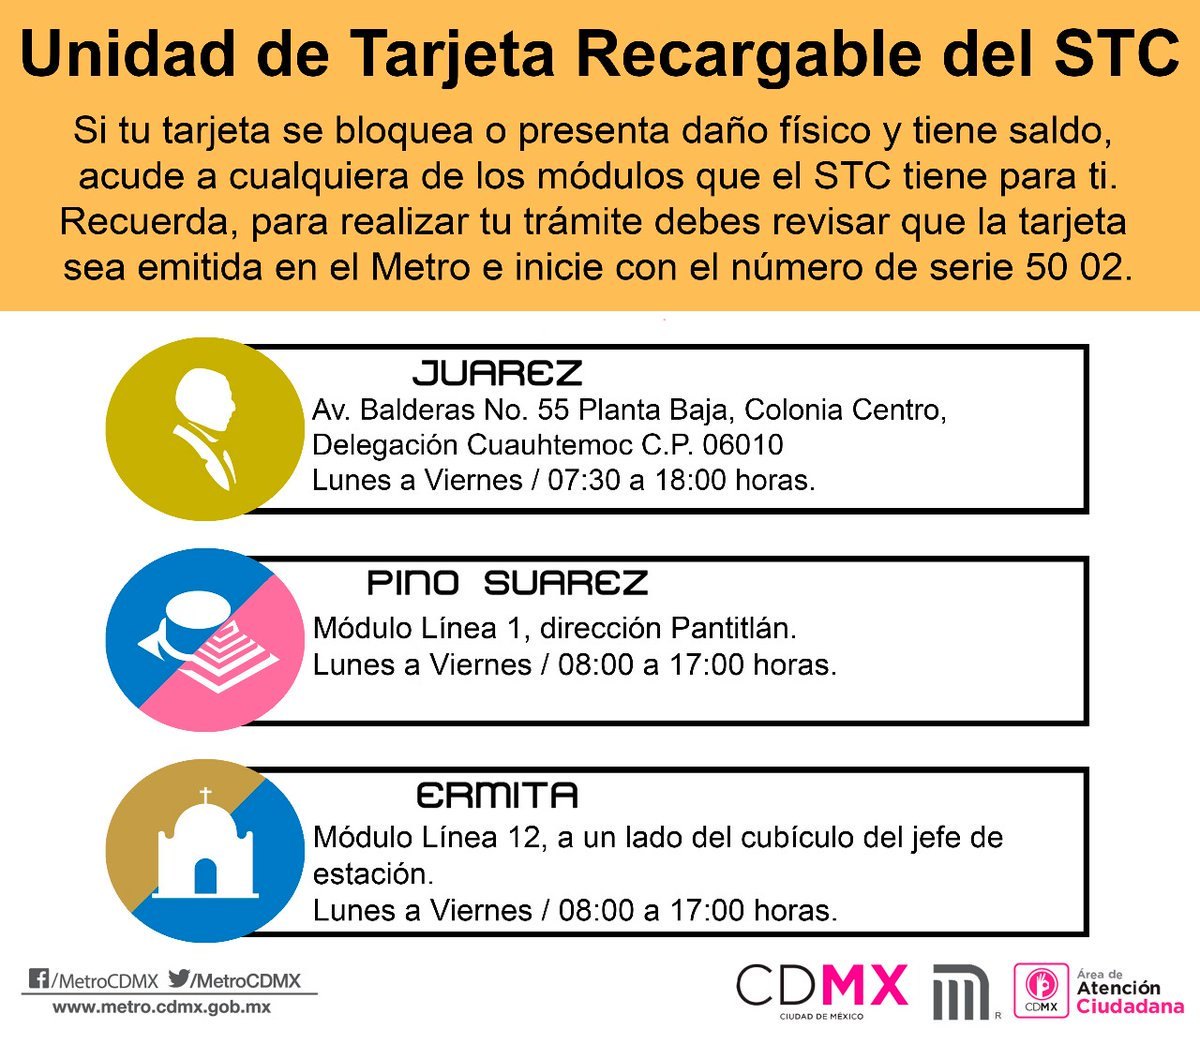 Presentas Problema Tarjeta Recargable Stc Acude Cualquiera